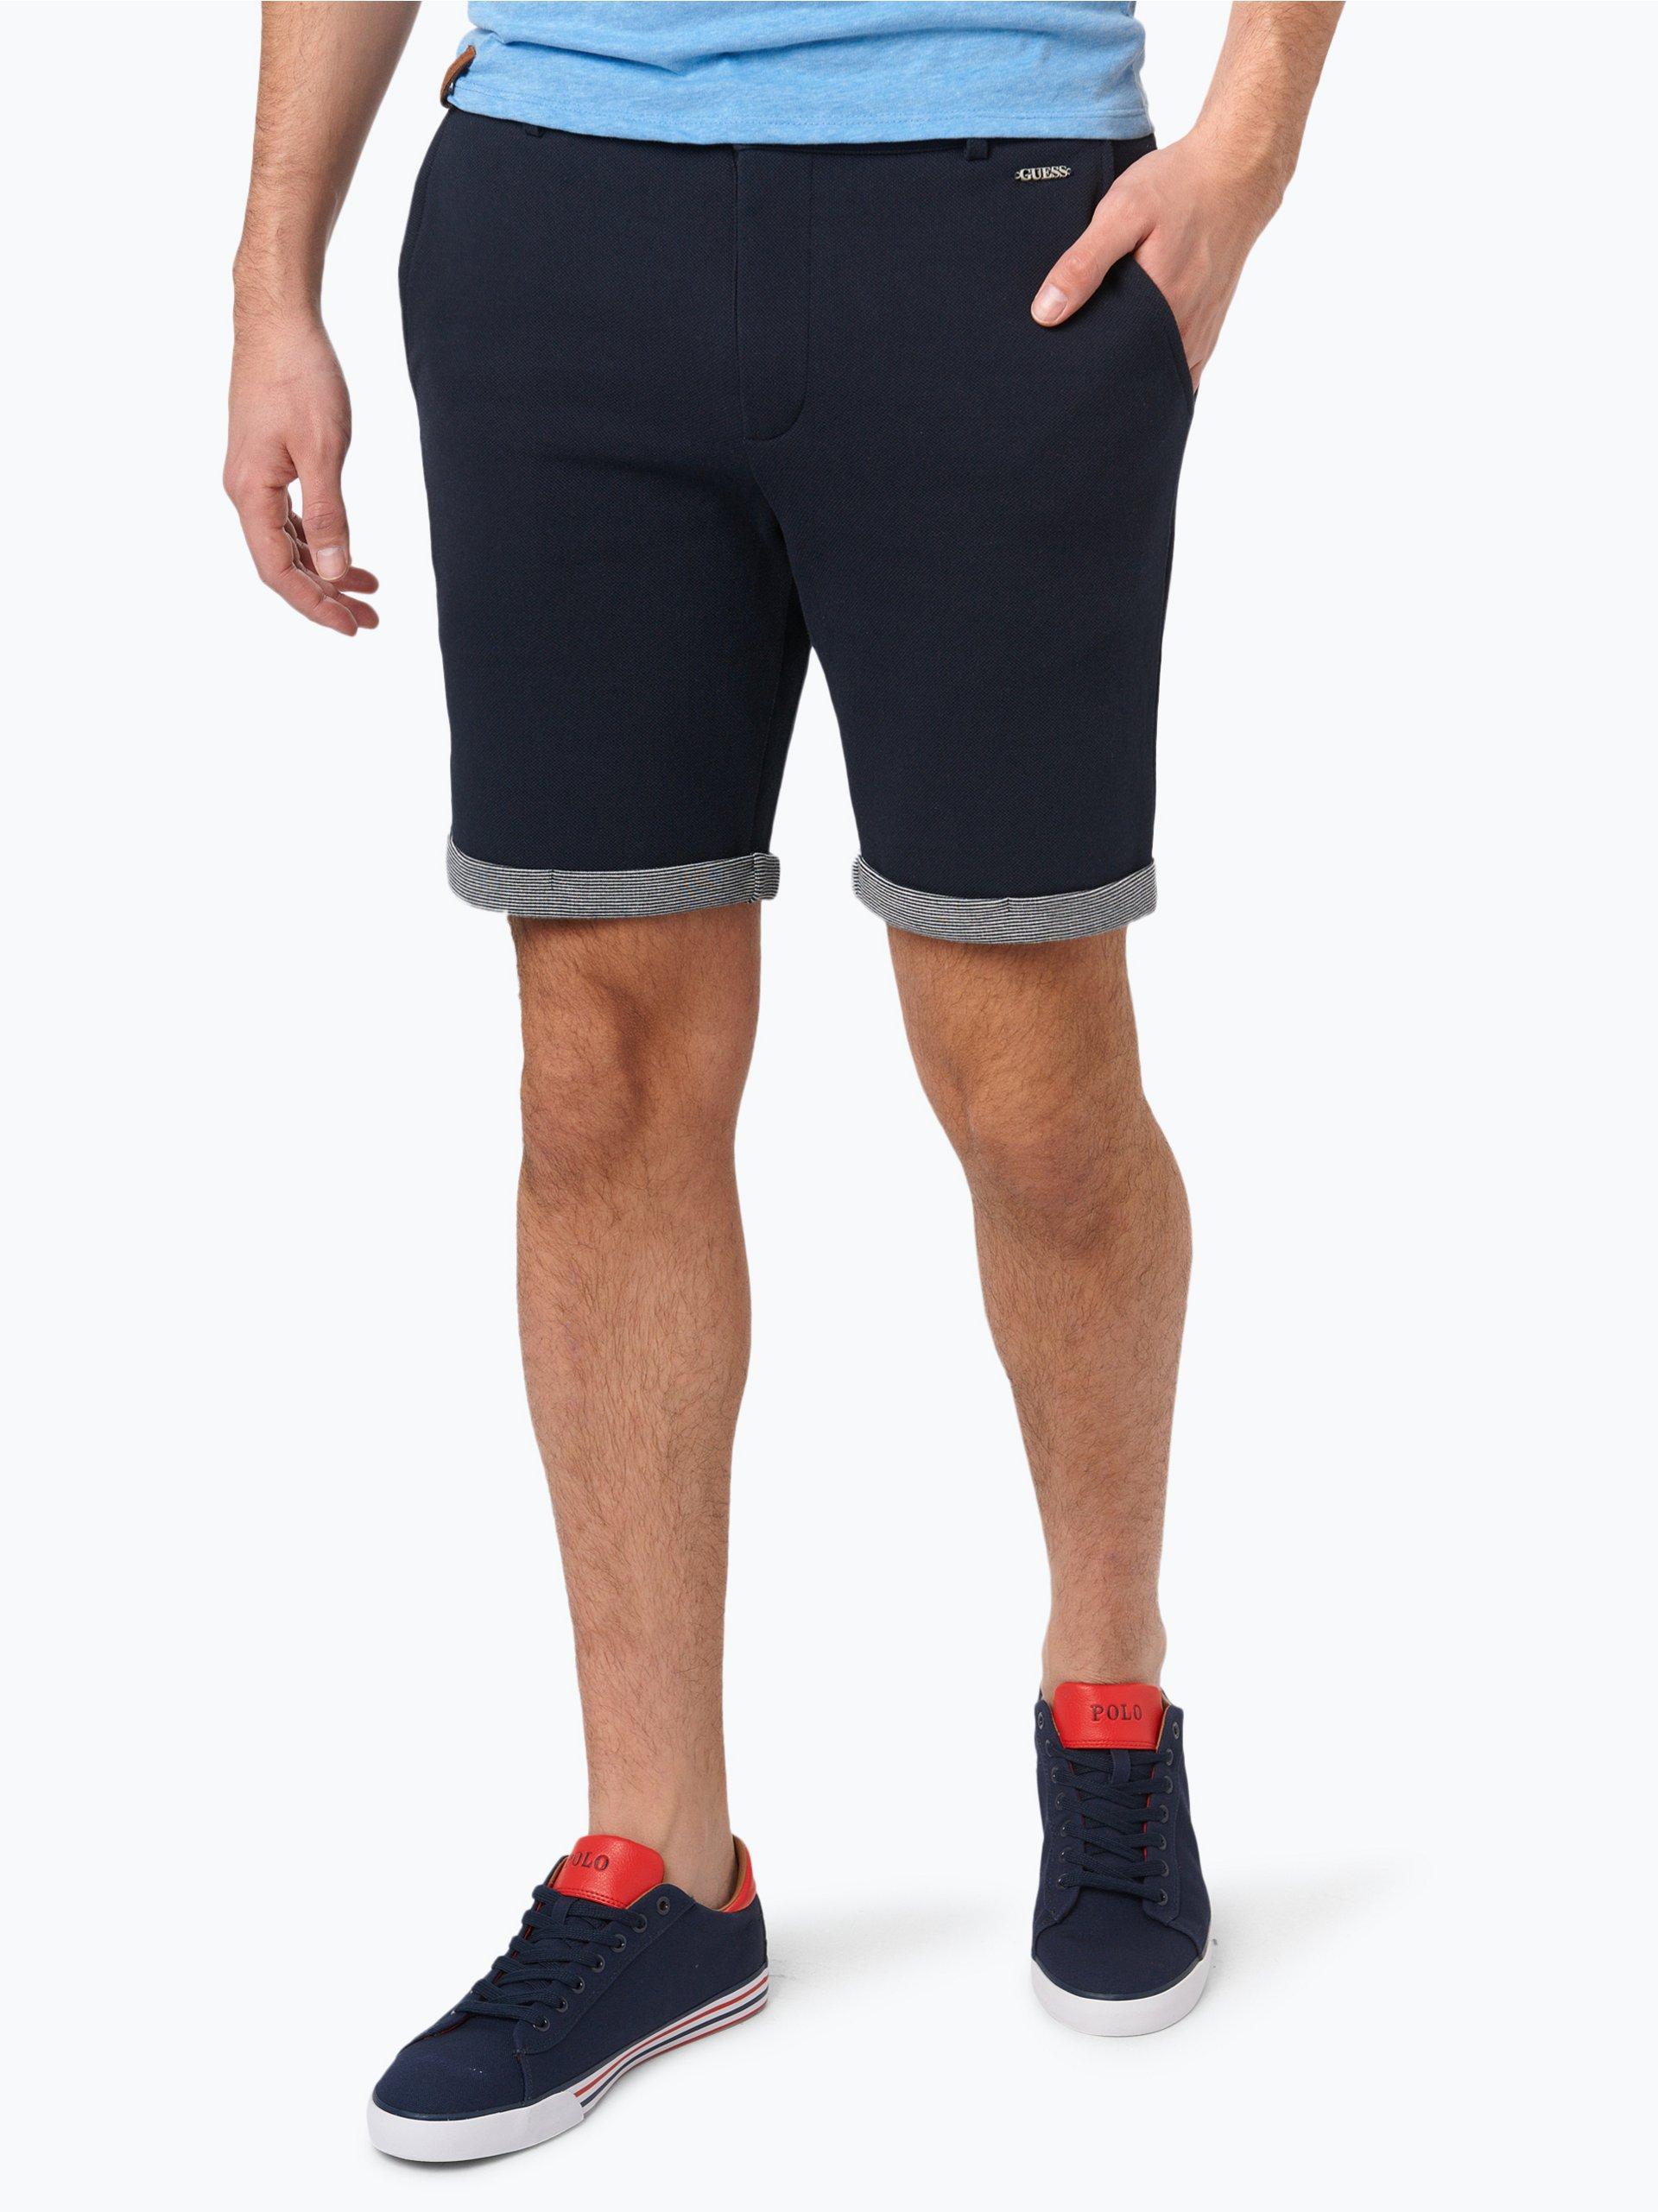 guess jeans herren shorts marine uni online kaufen vangraaf com. Black Bedroom Furniture Sets. Home Design Ideas